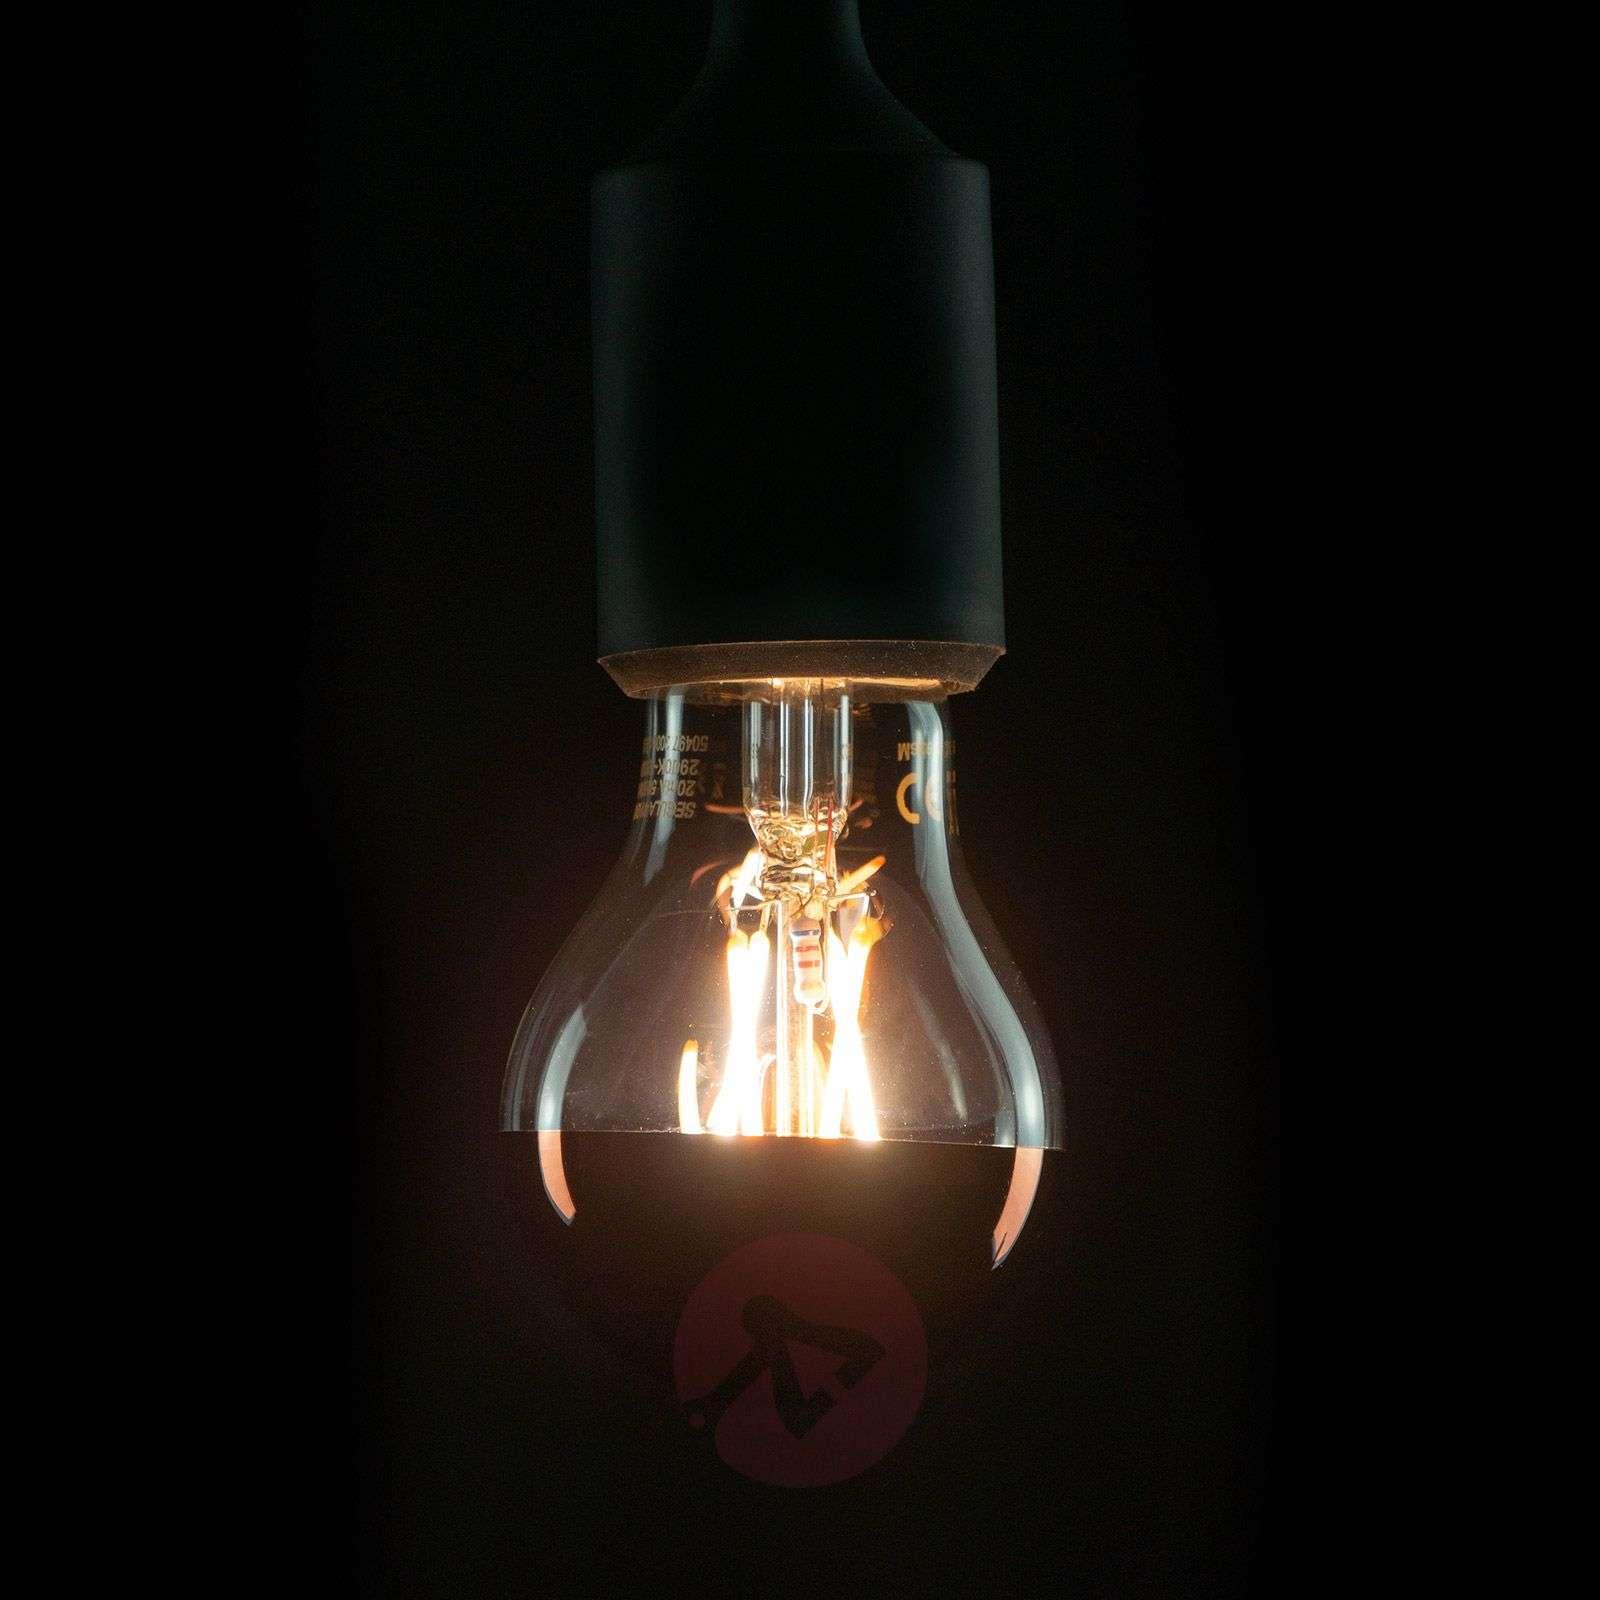 LED-pääpeililamppu E27 4W 926, kupari-8536132-01